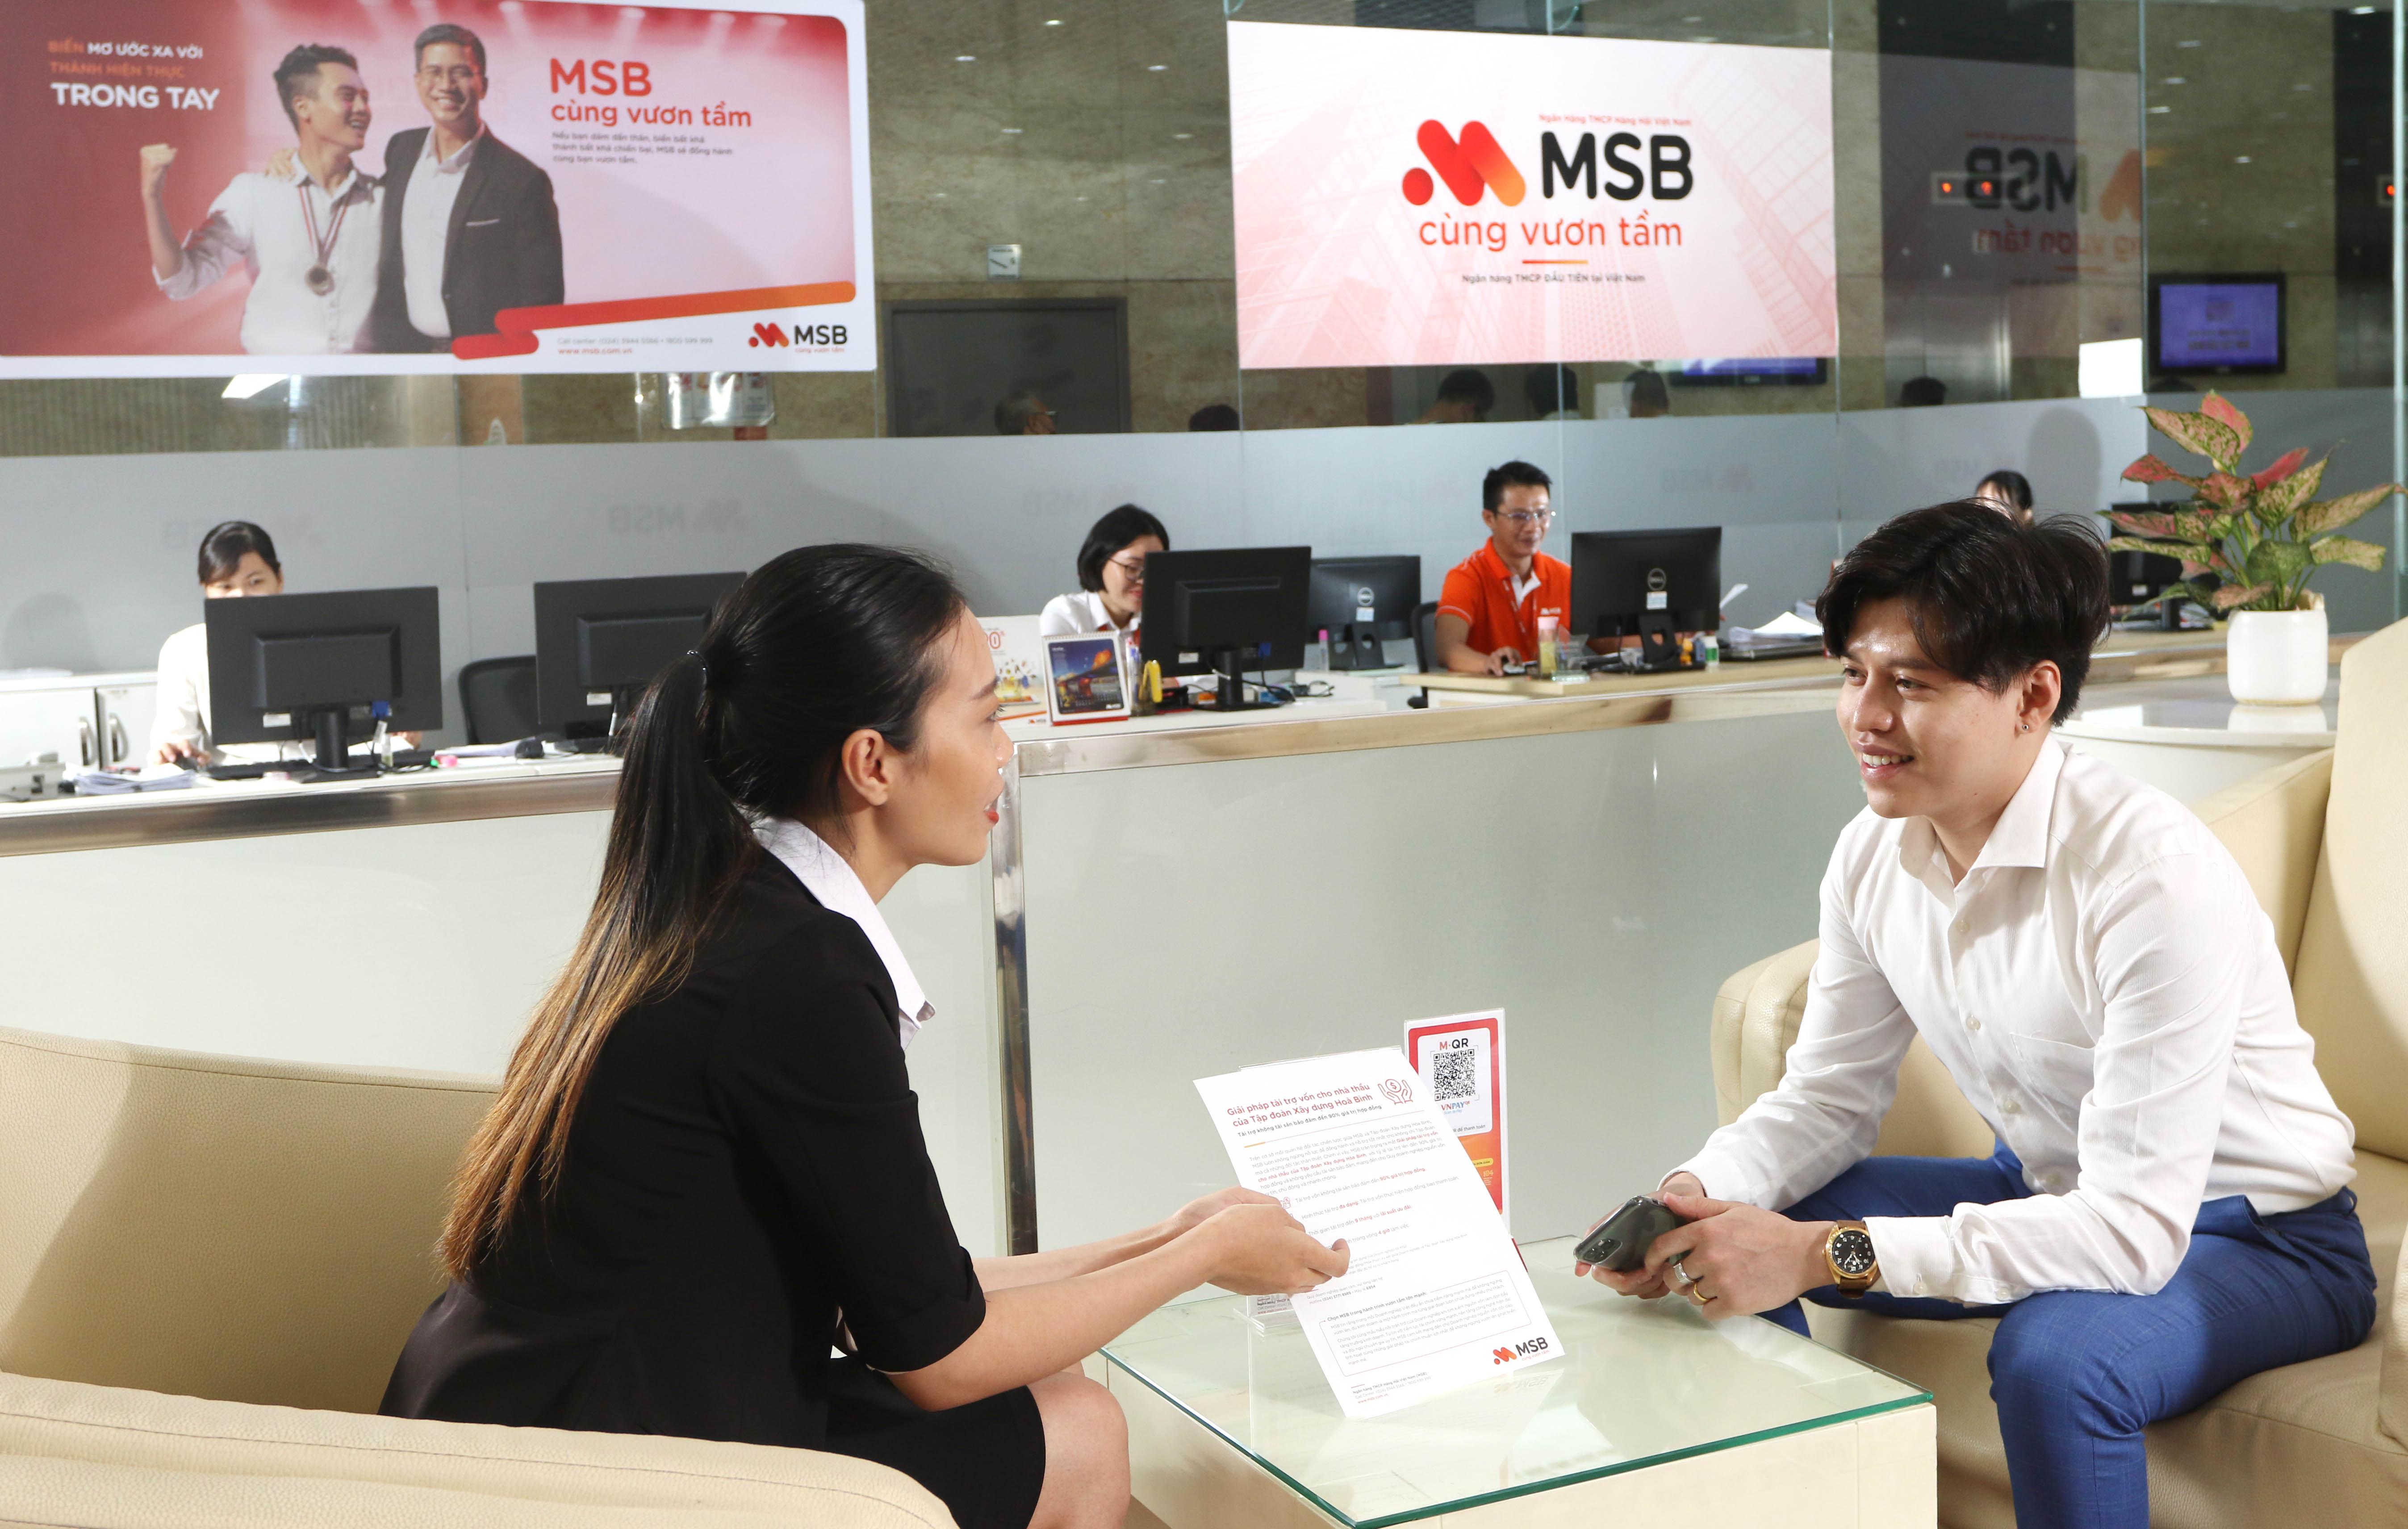 MSB vượt chỉ tiêu lợi nhuận cả năm 2020 - Ảnh 1.